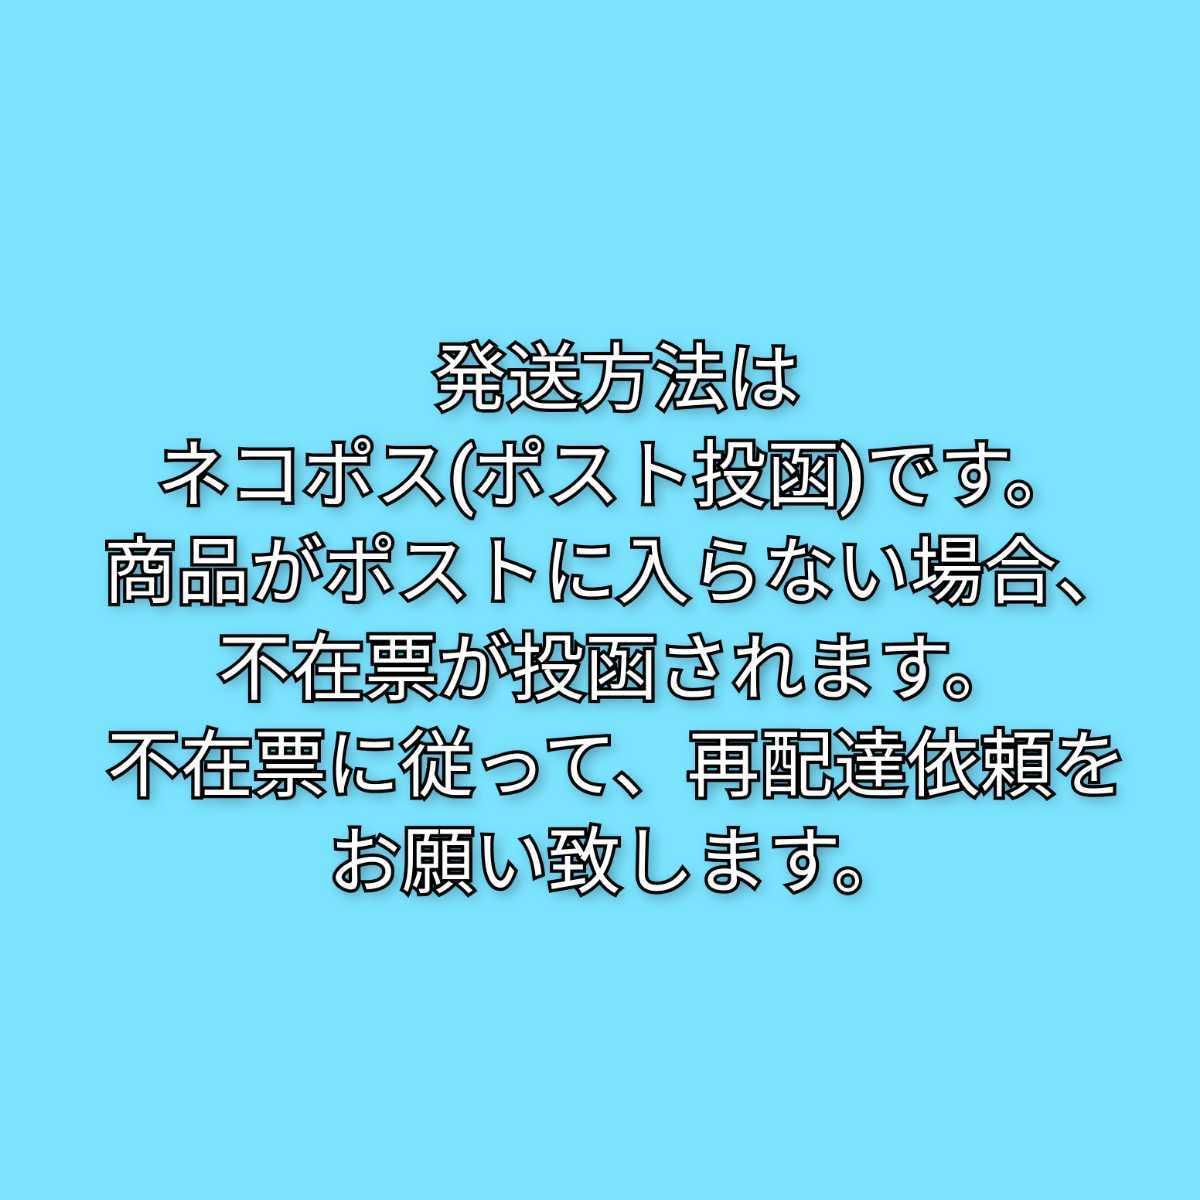 12種類12袋 澤井珈琲 加藤珈琲店 辻本珈琲 ドリップコーヒー デカフェ カフェインレスコーヒー_画像3